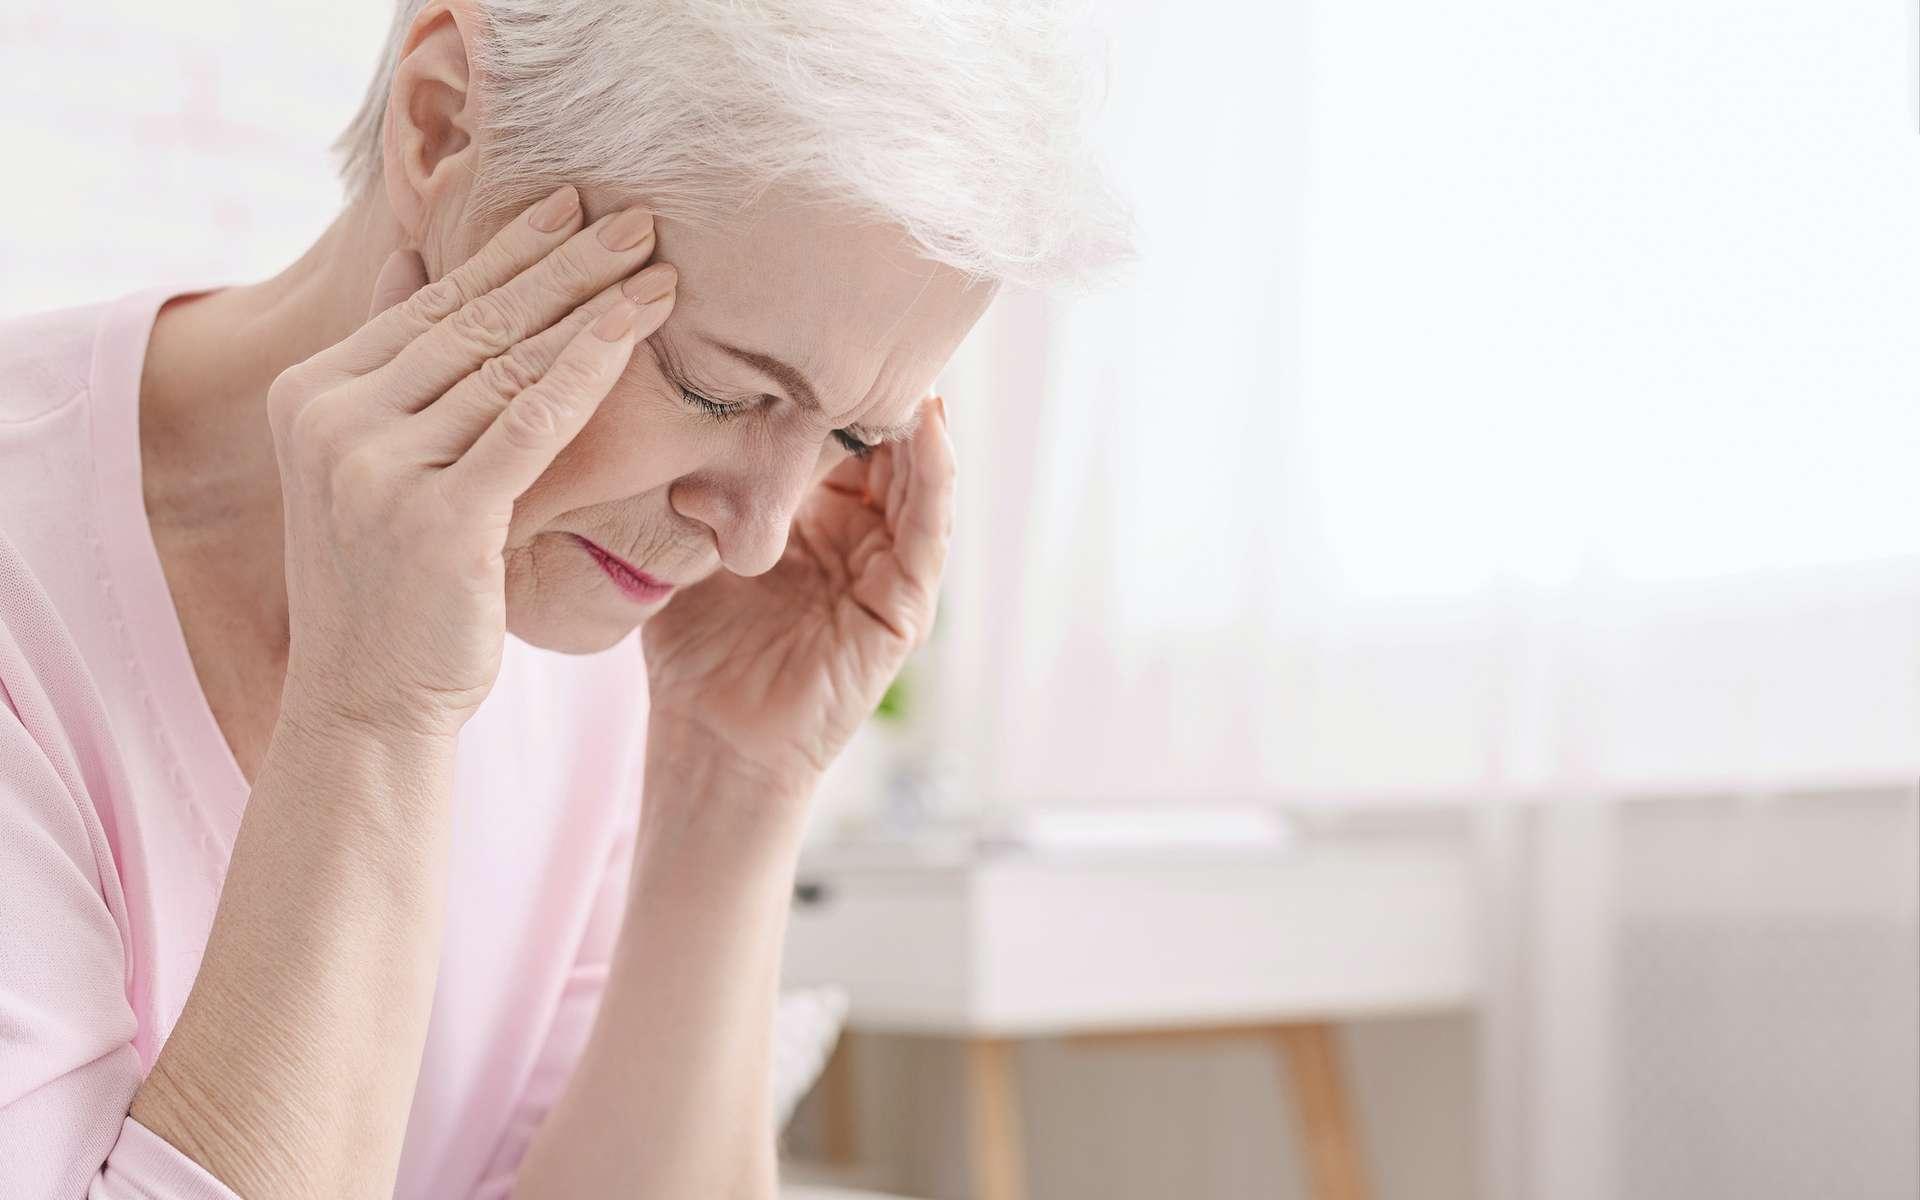 La maladie de Horton se traduit fréquemment par des maux de tête intenses et irradiants. © Prostock-studio, Adobe Stock